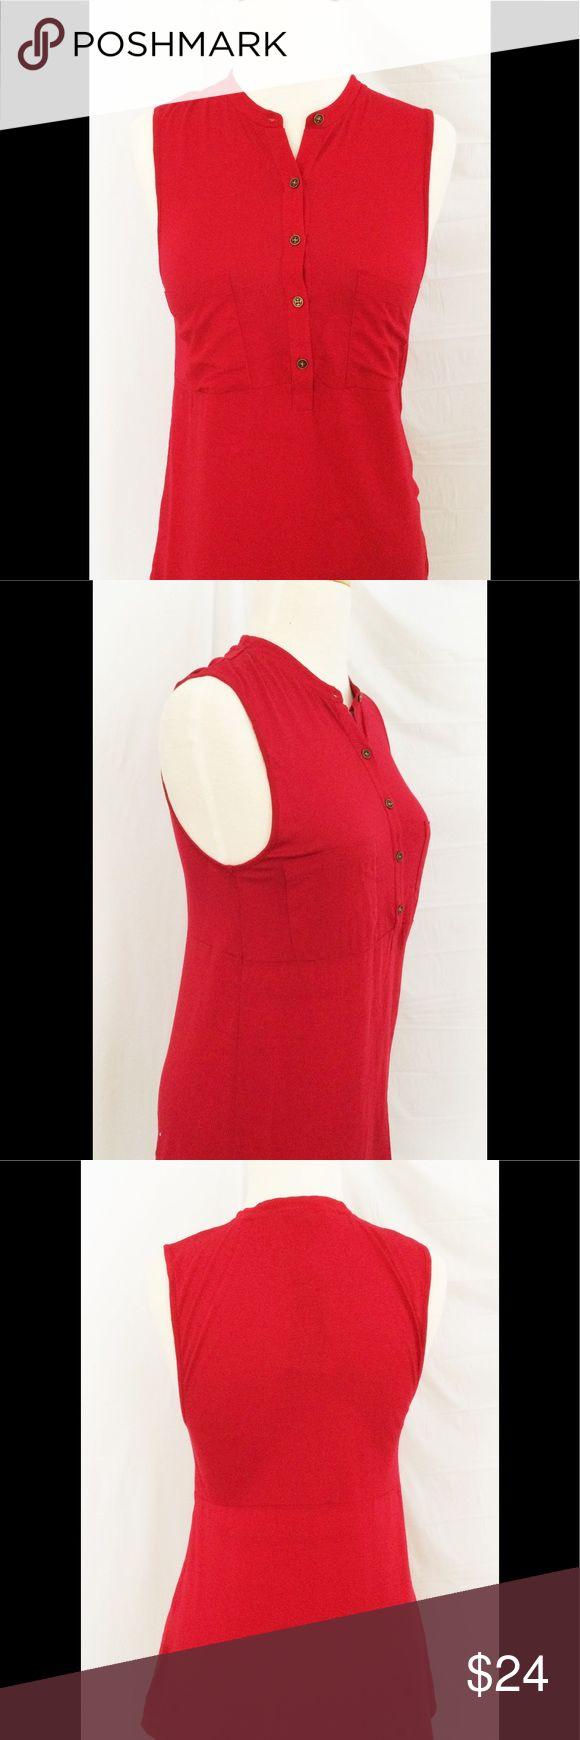 Red Ralph Lauren XS knit jersey blouse viscose Red Ralph Lauren XS knit jersey blouse viscose Lauren Ralph Lauren Tops Blouses